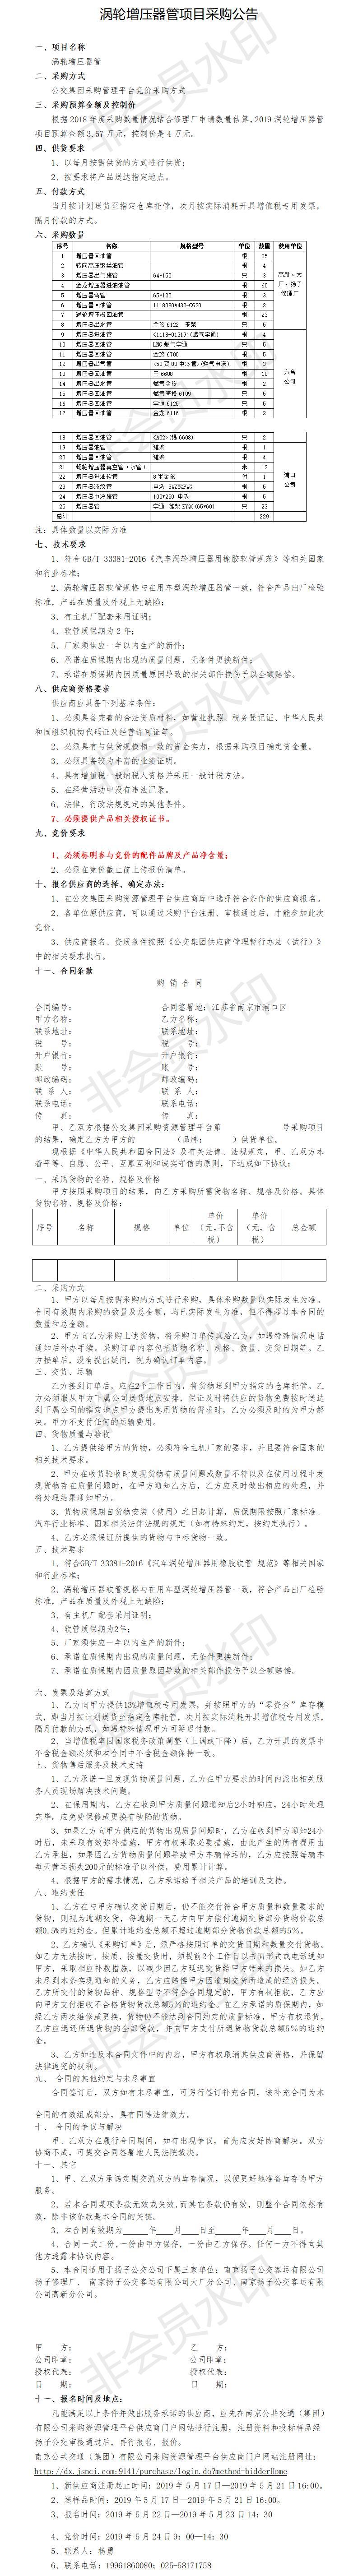 涡轮增压器管平台竞价项目采购公告.png